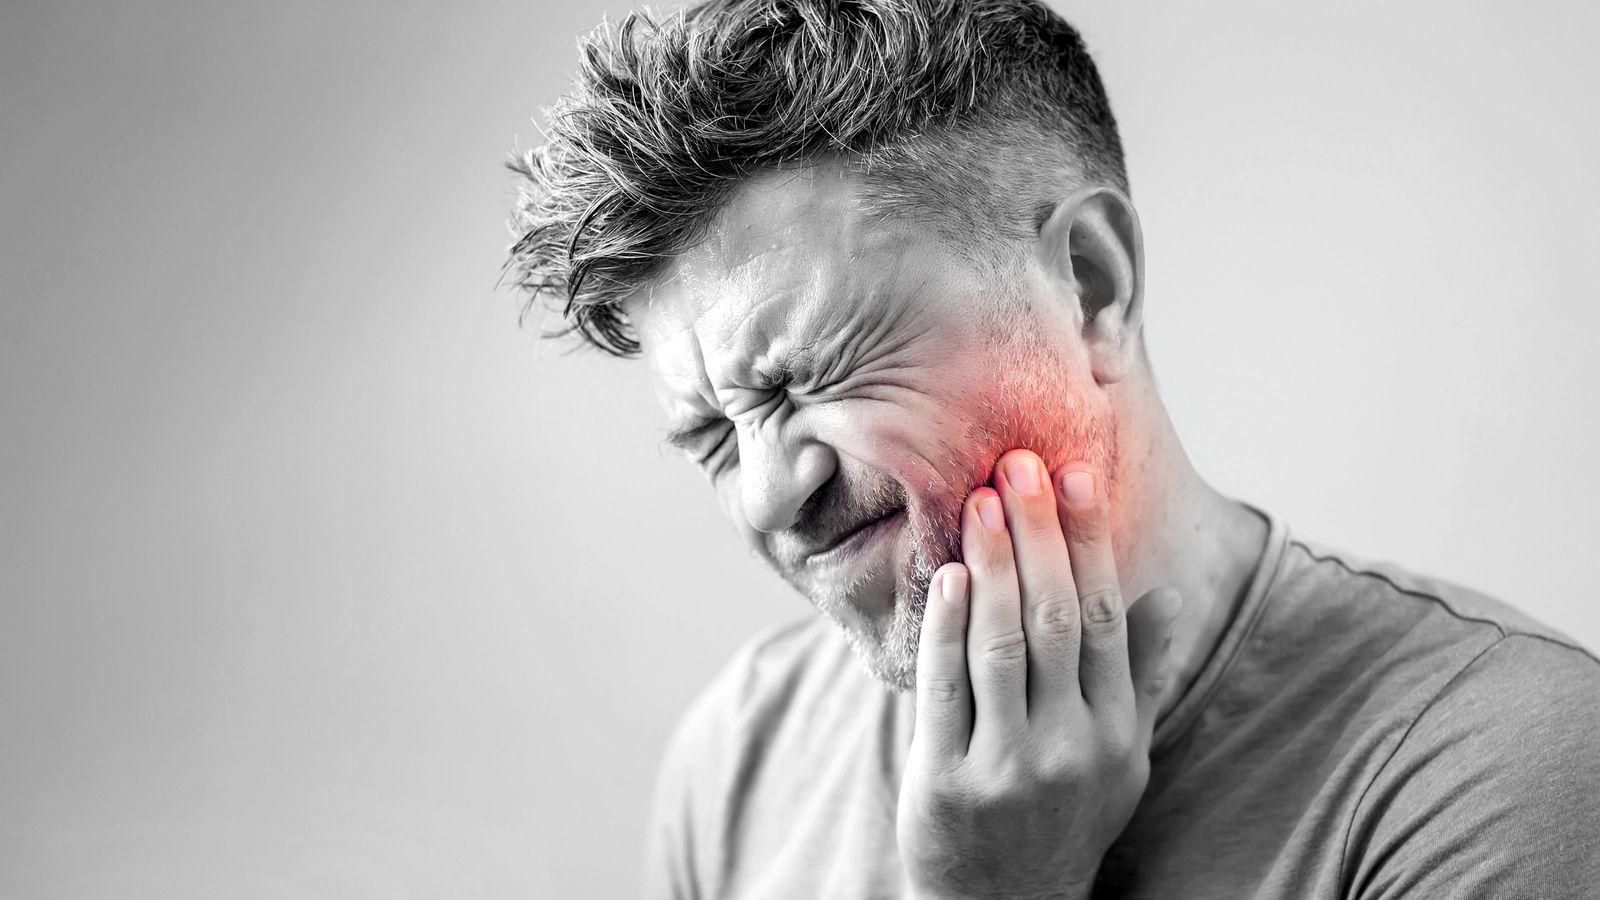 歯の治療をさっさと終わらす「5つの鉄則」教えます なぜ何回も通院しなきゃならないか